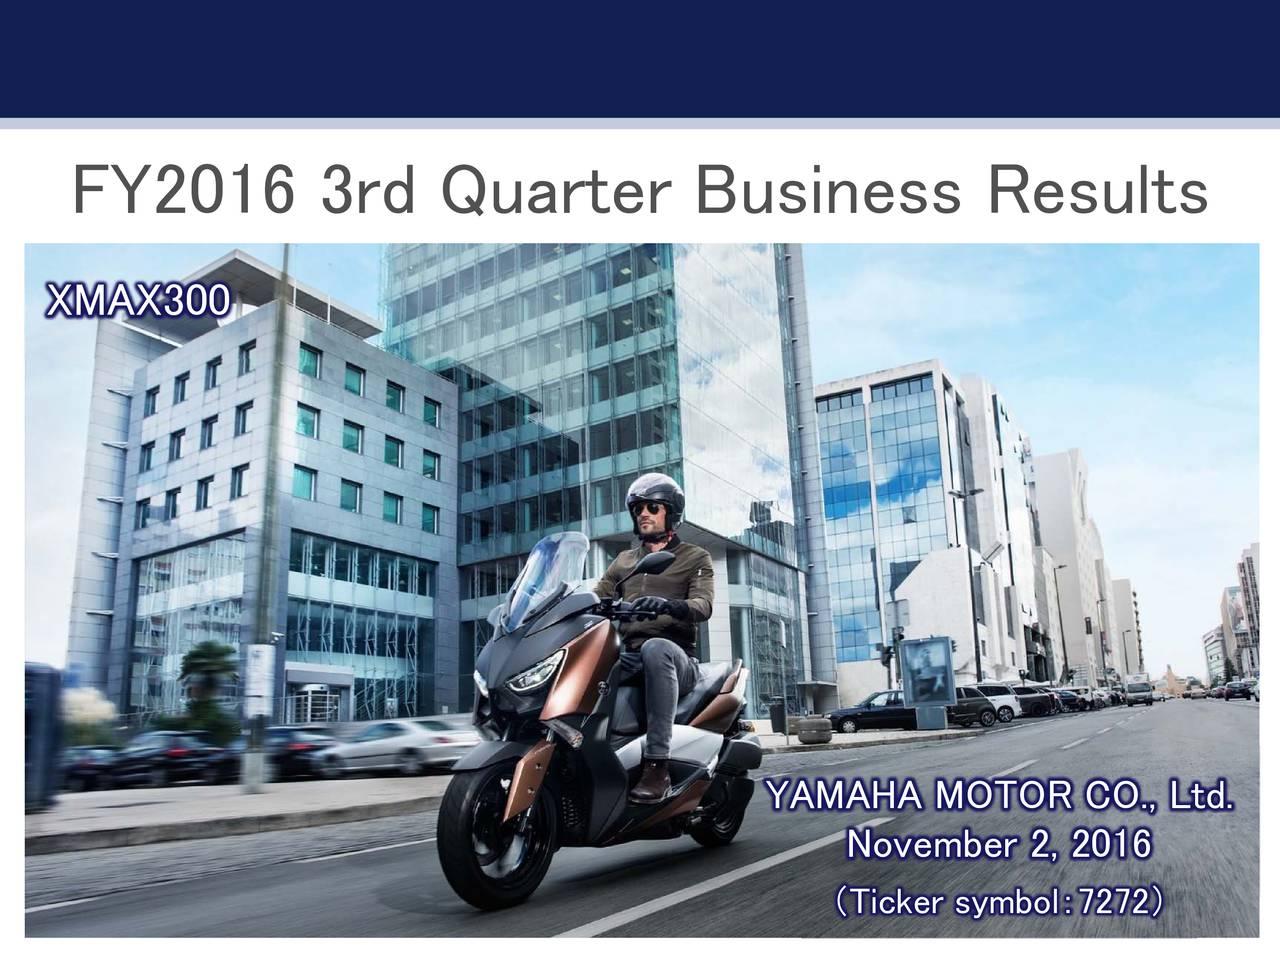 medium resolution of yamaha motor co ltd adr 2016 q3 results earnings call slides